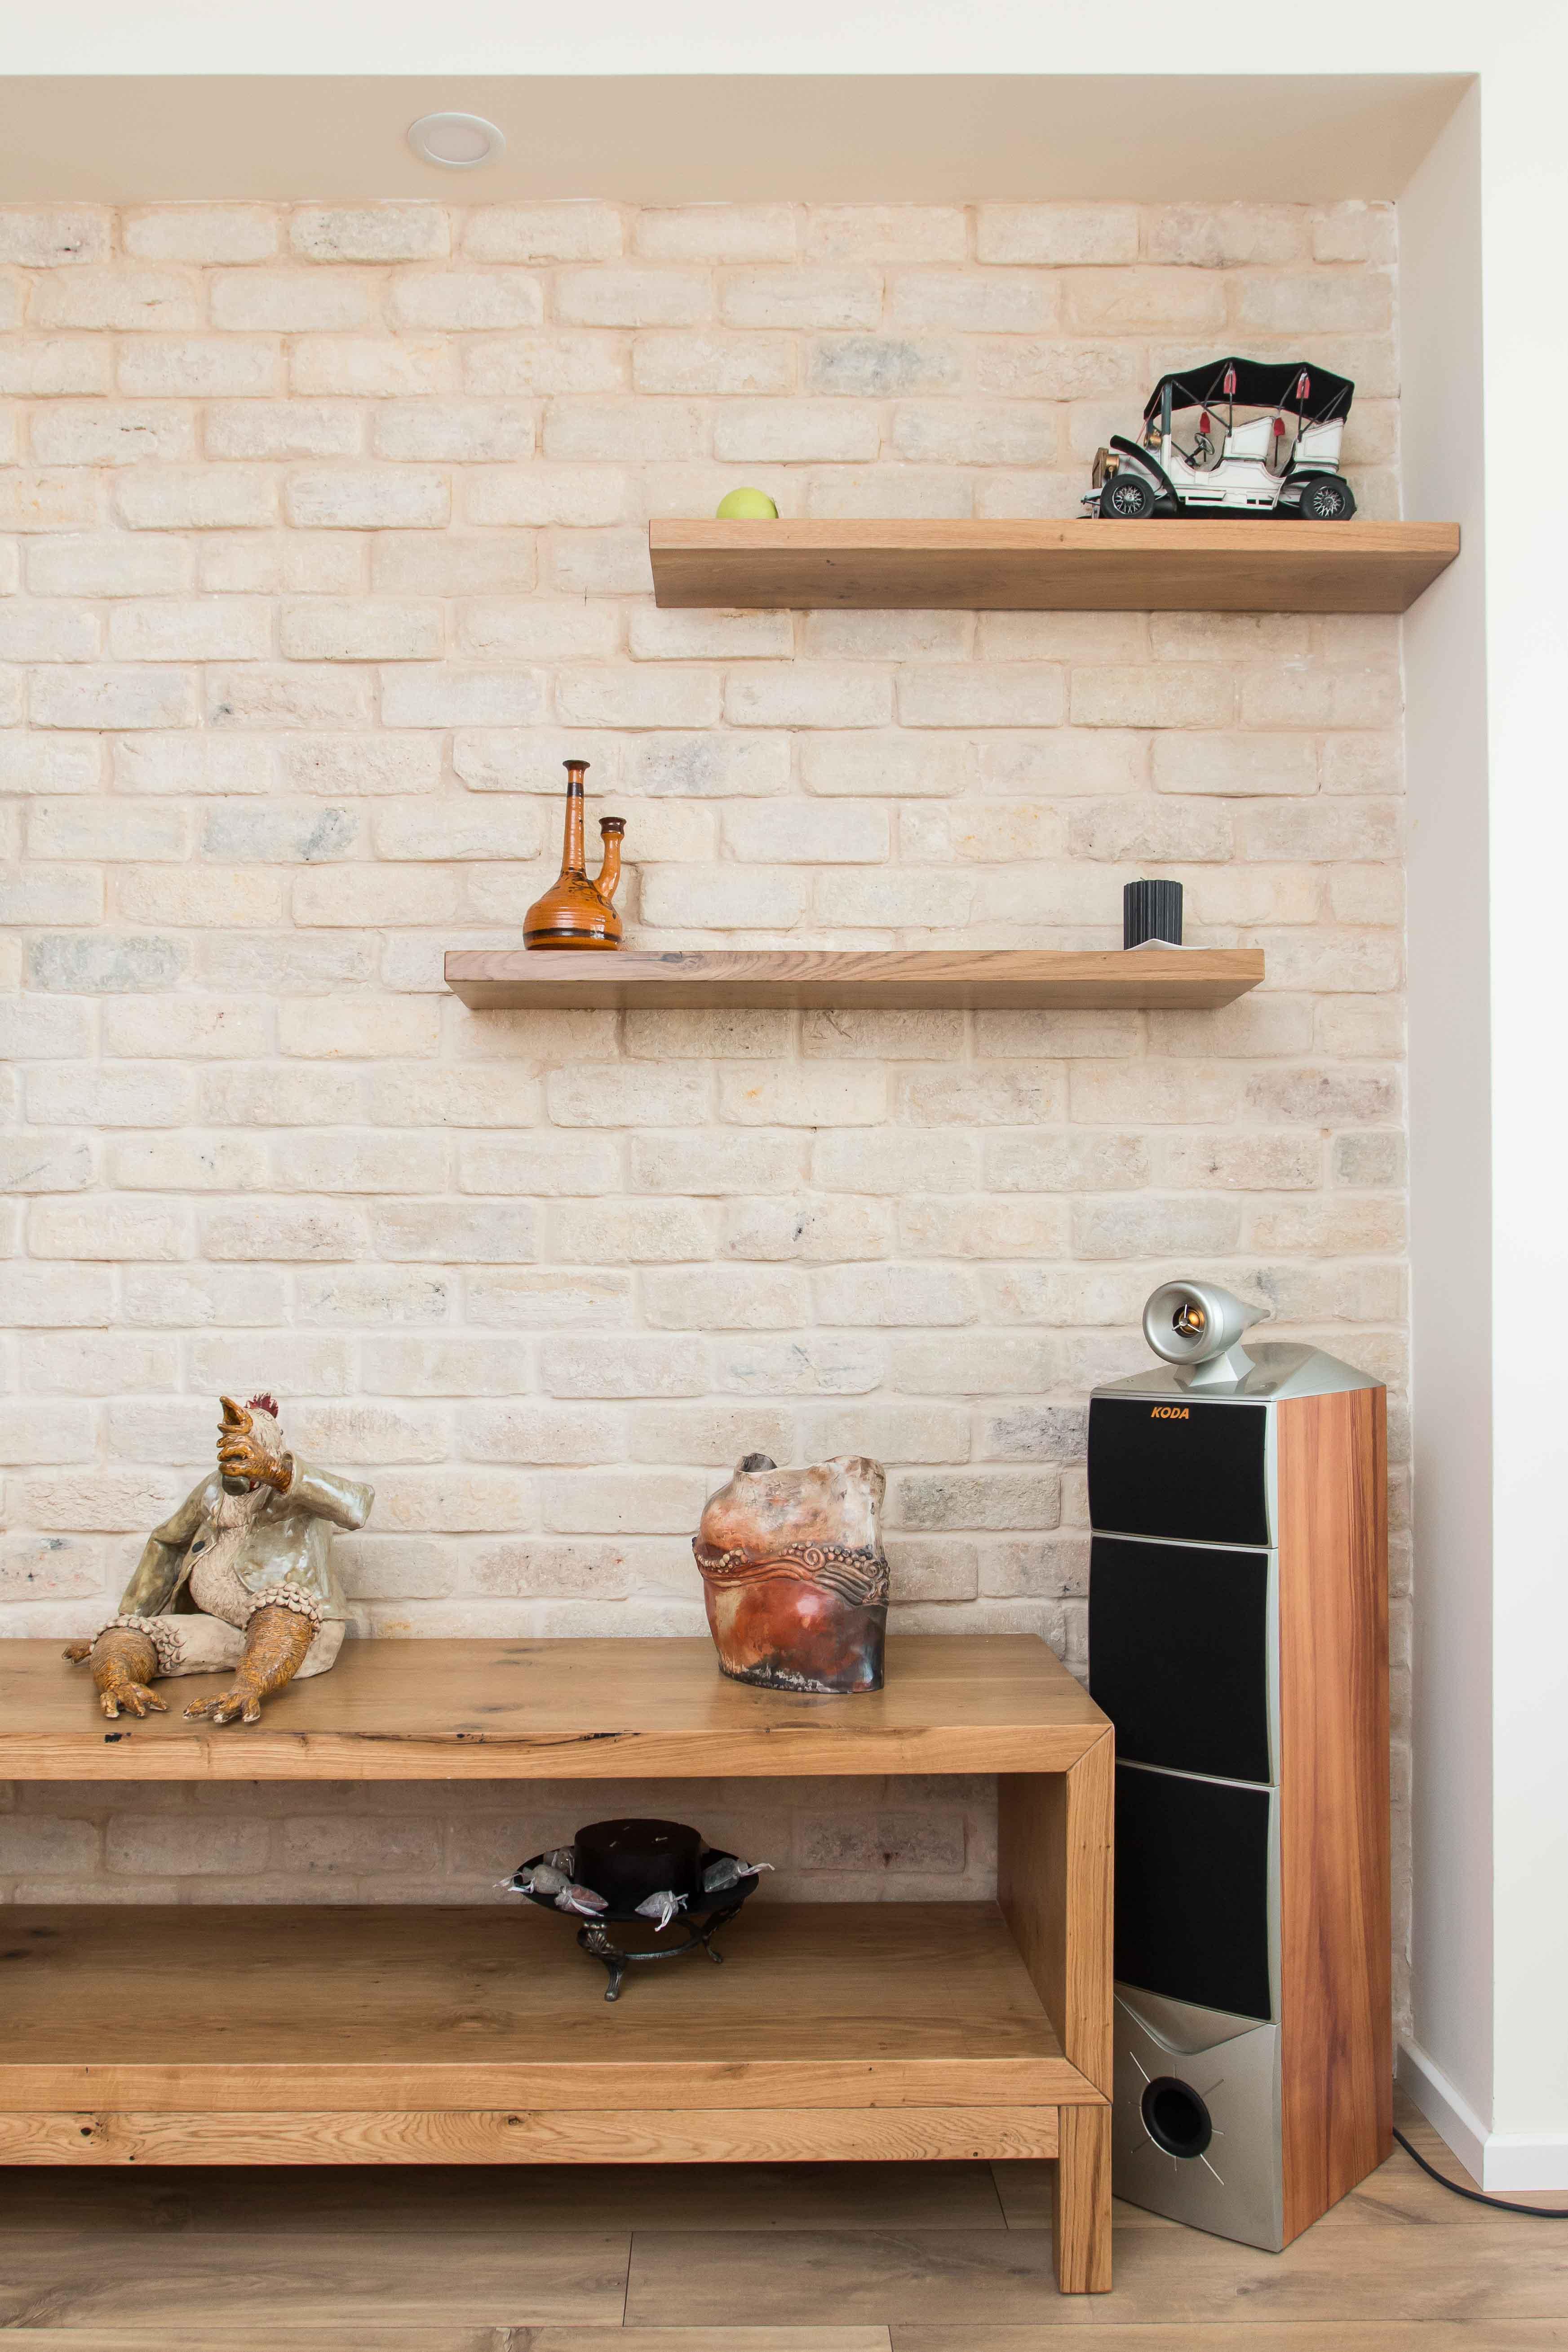 עיצוב סלון עם קיר בריקים לעיצוב דירה